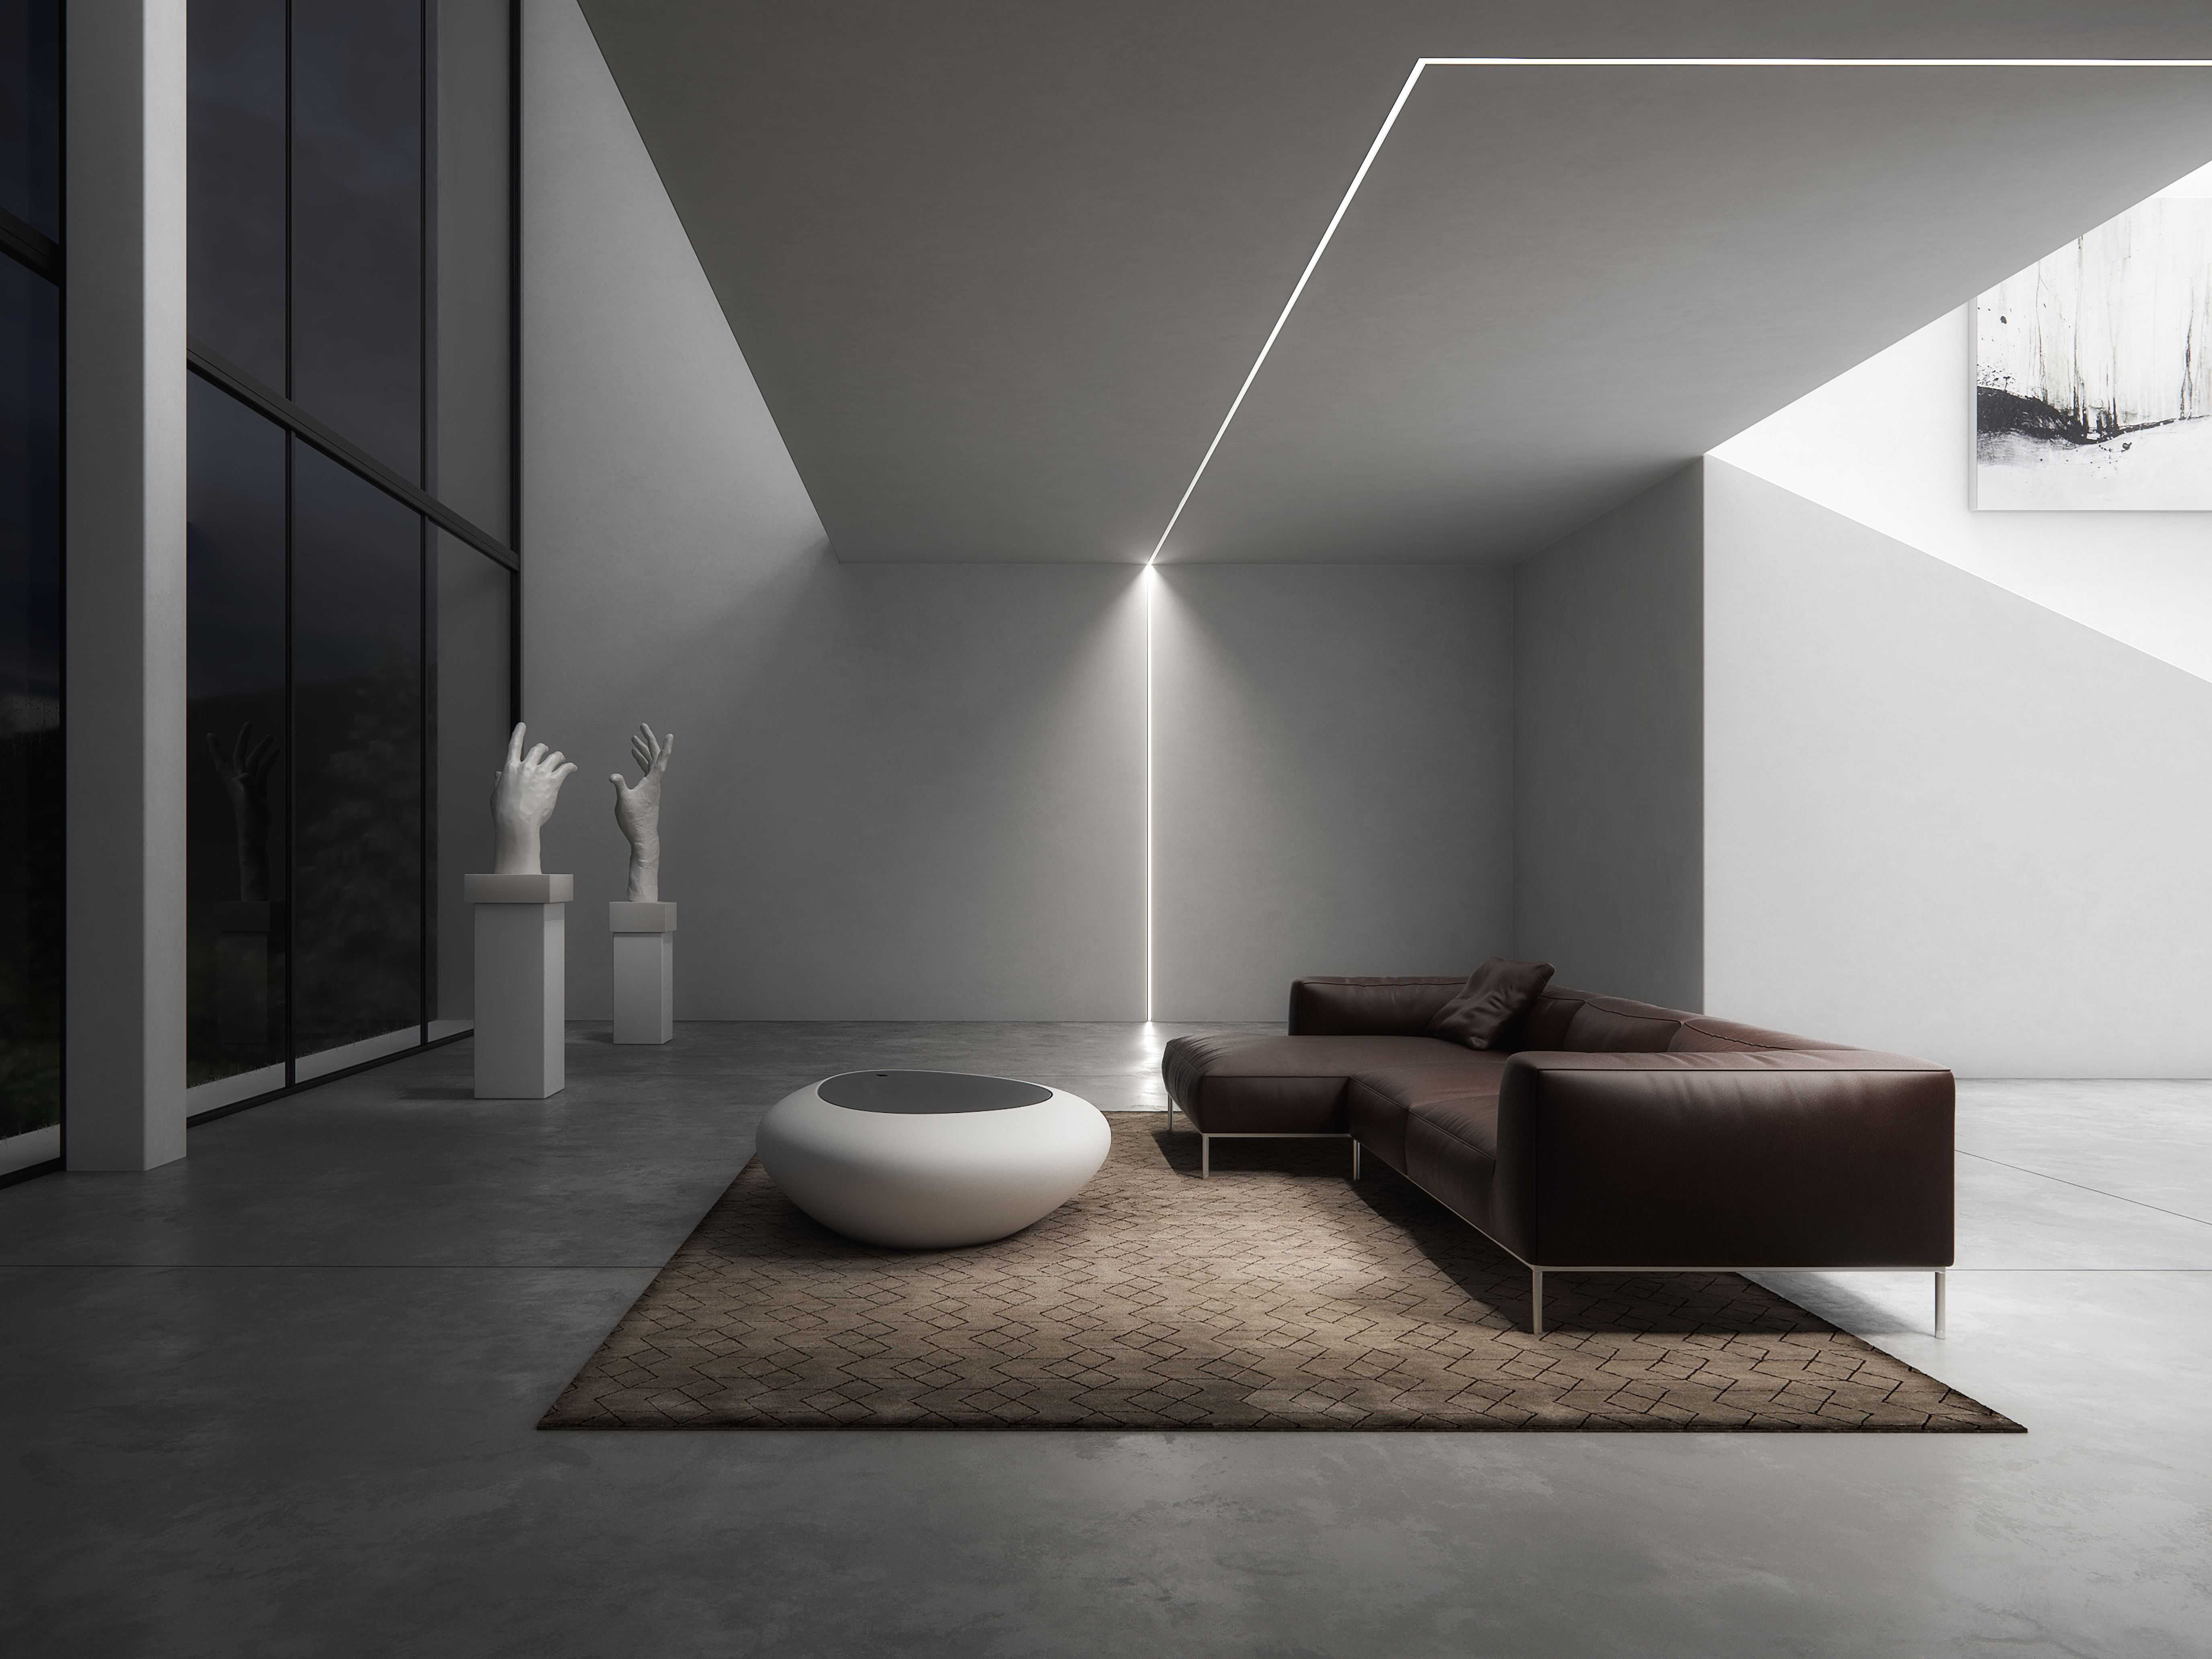 Ceiling Led Lighting For Living Room Profile Subli Lumines